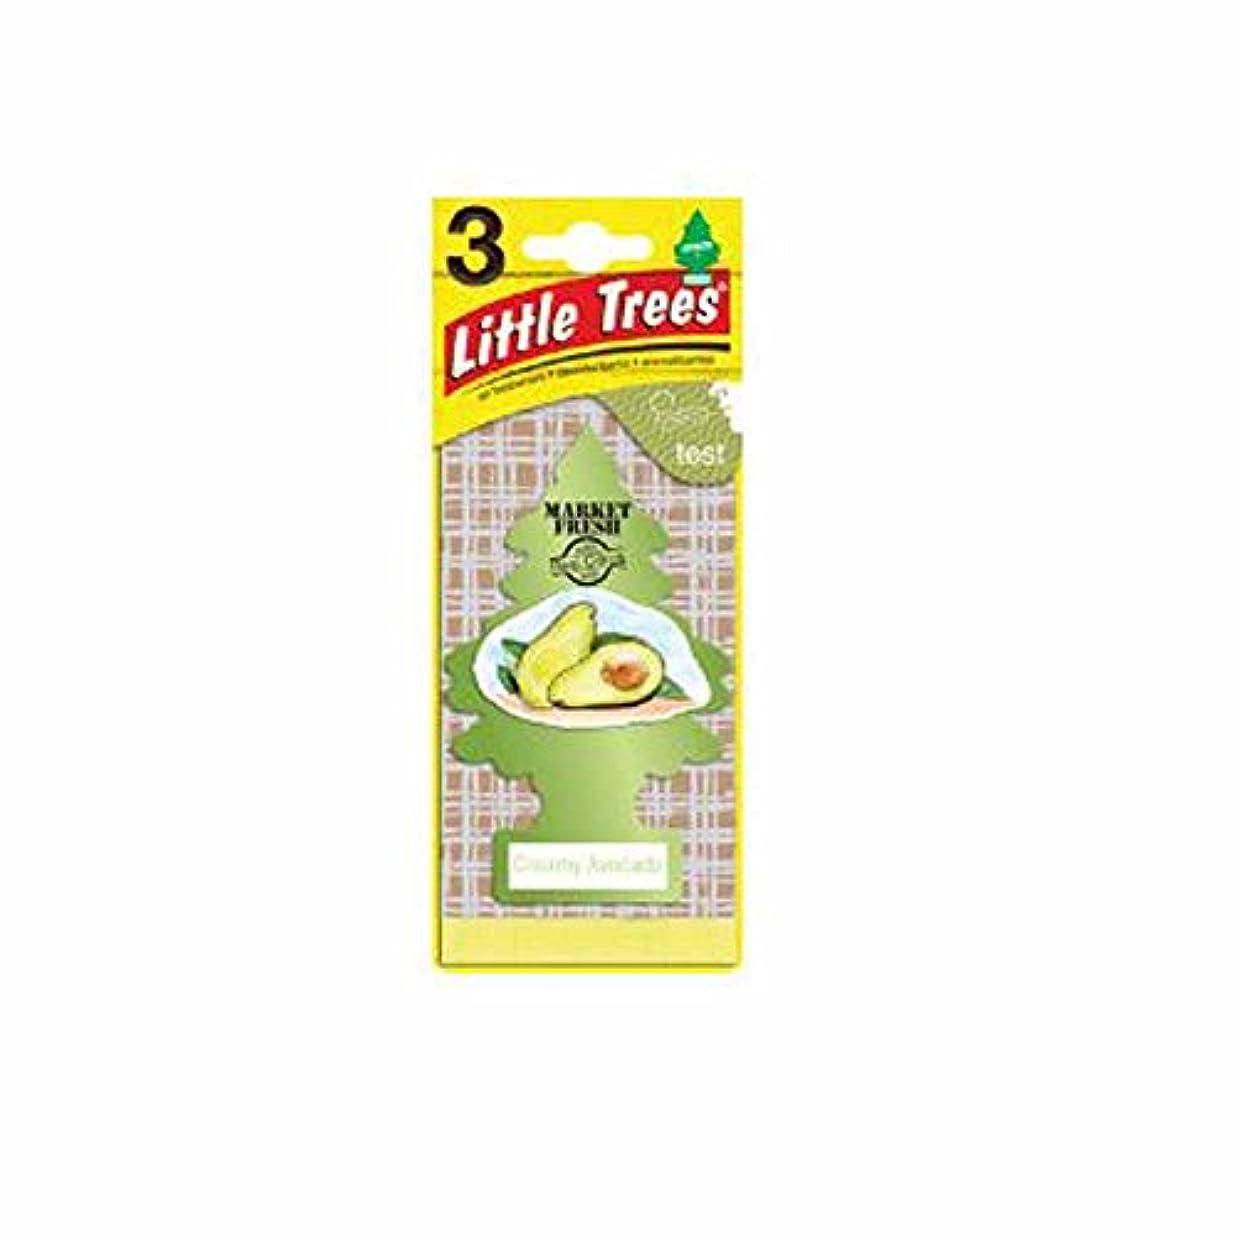 怠羊水分Little Trees 吊下げタイプ エアーフレッシュナー creamy avocado(クリーミーアボカド) 3枚セット(3P) U3S-37340